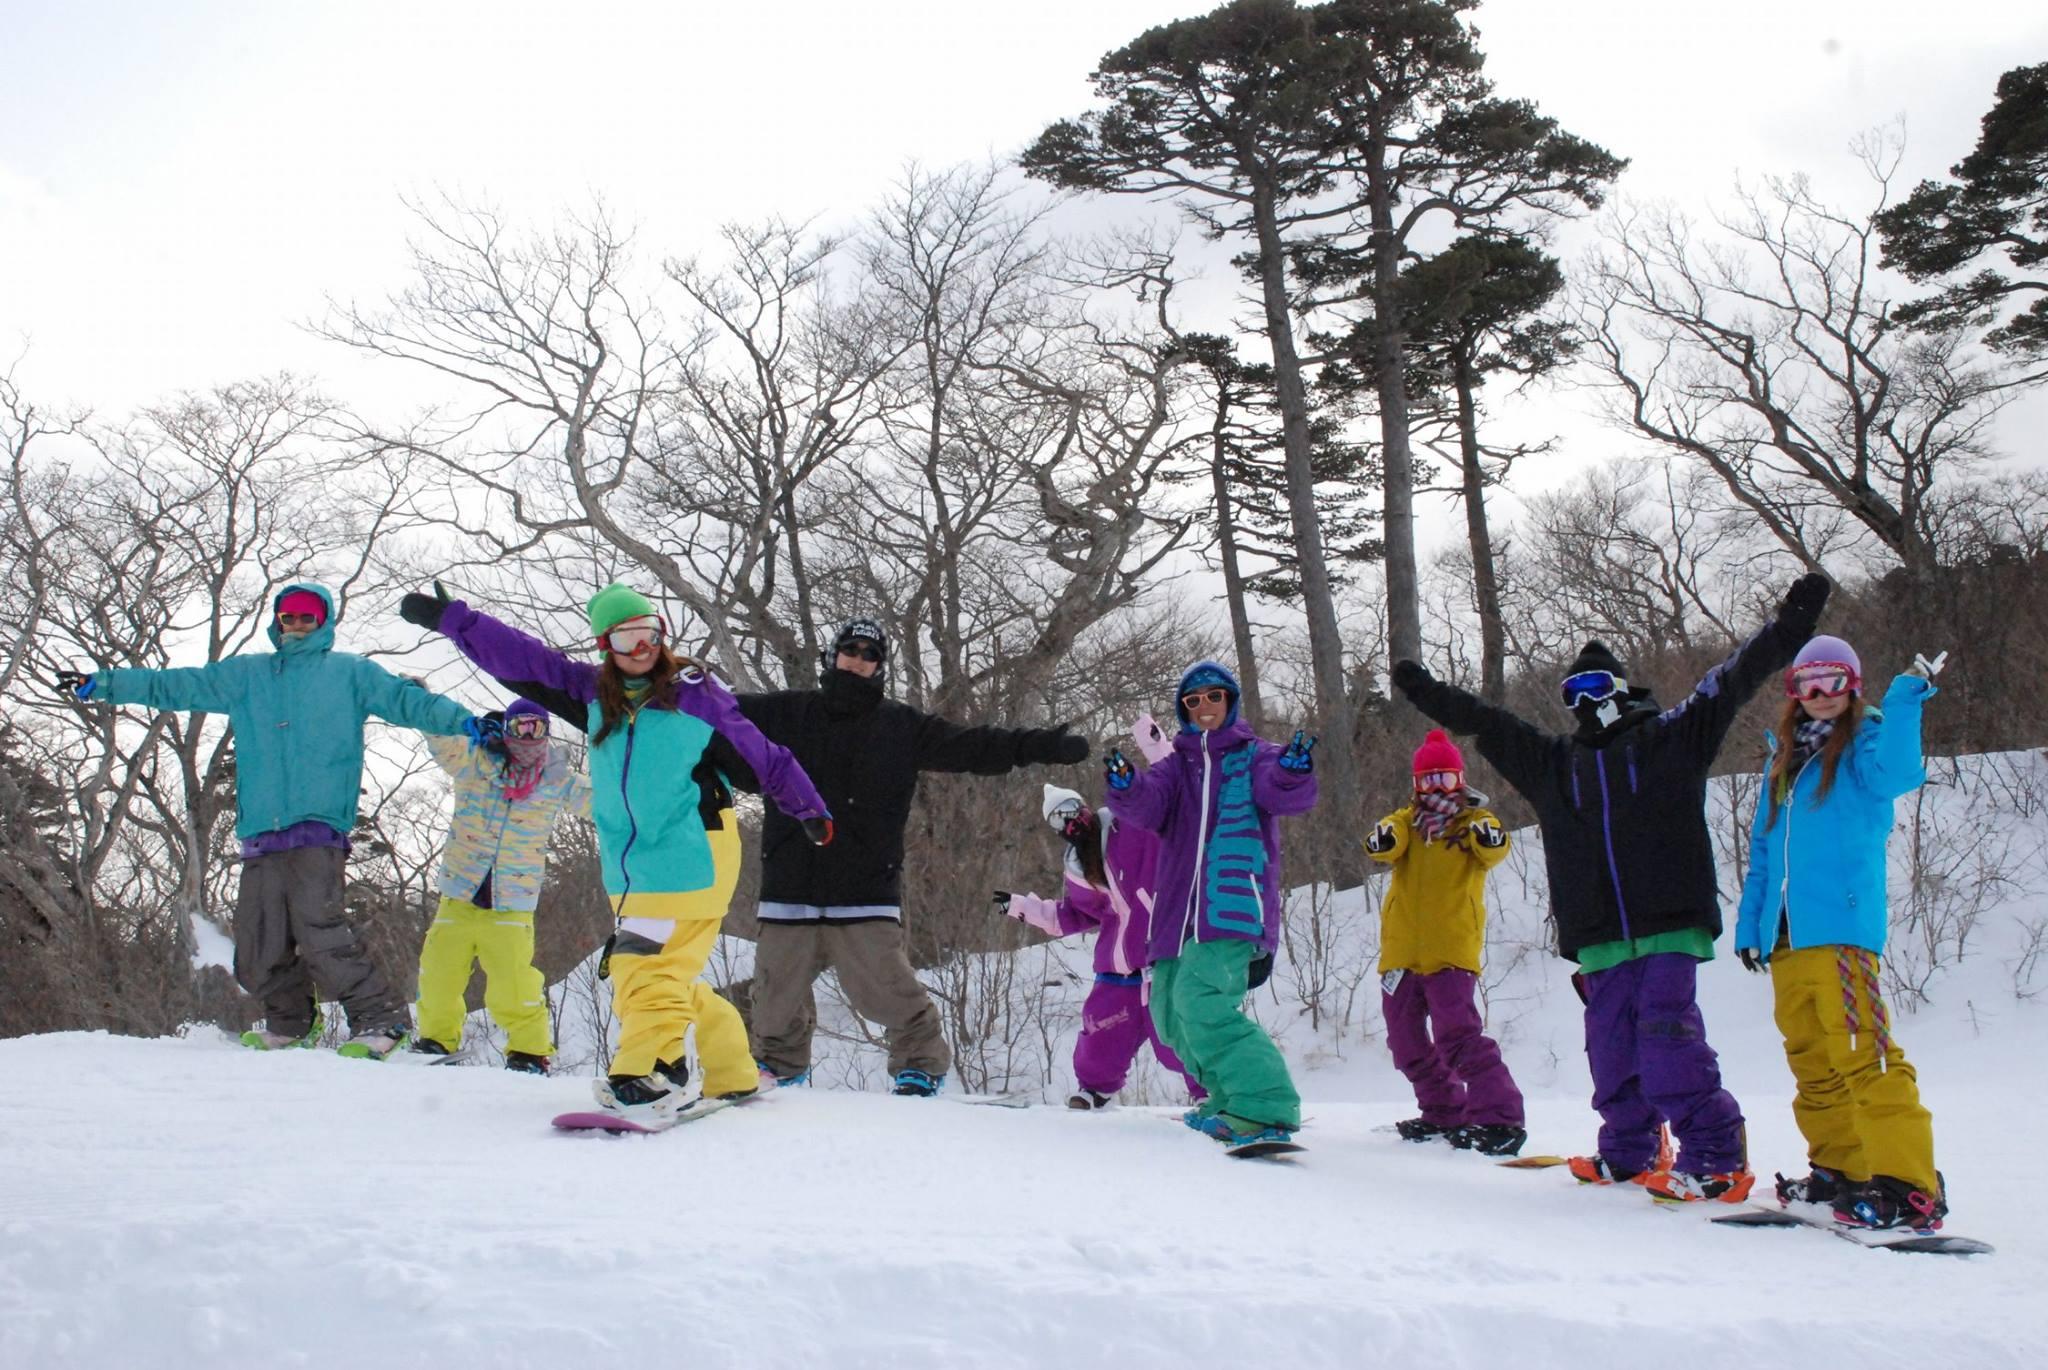 【ウィンタースポーツ】4.3kmのロングコースが人気!シーズン以外も四季折々の蔵王の大自然を年中楽しめるスポーツリゾート施設「みやぎ蔵王えぼしリゾート」